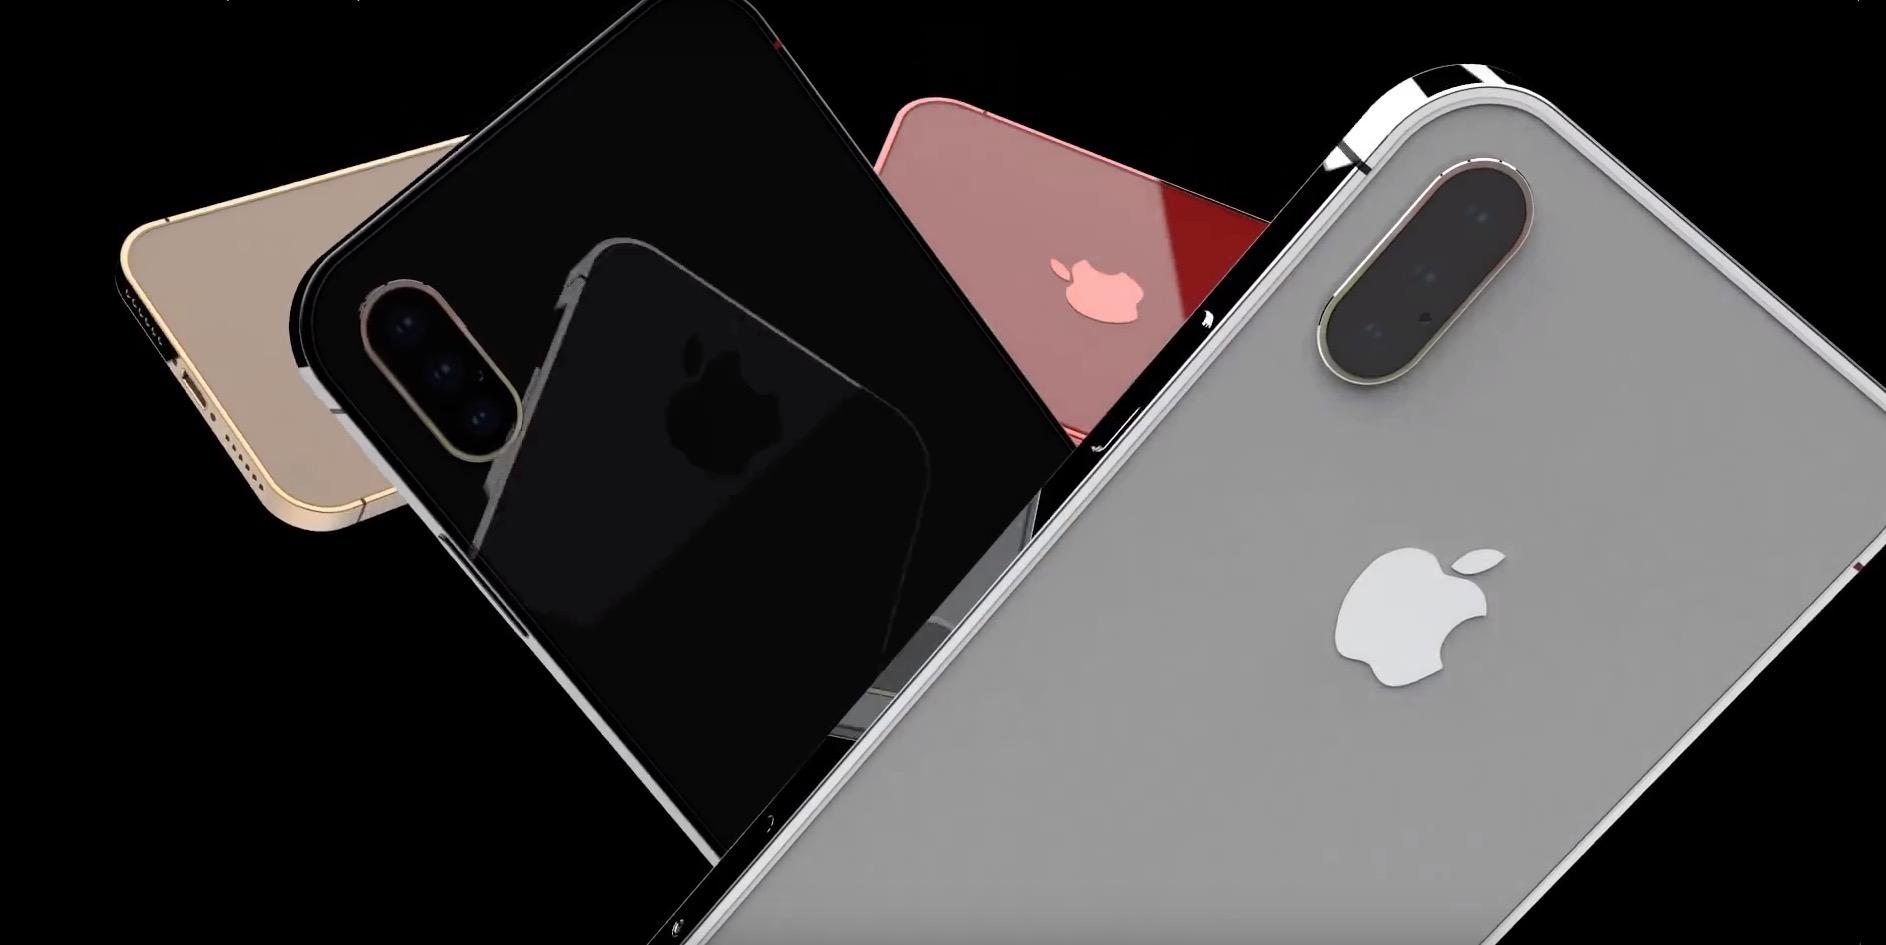 Finalmente iPhone 11 presentabile nell'ultimo video